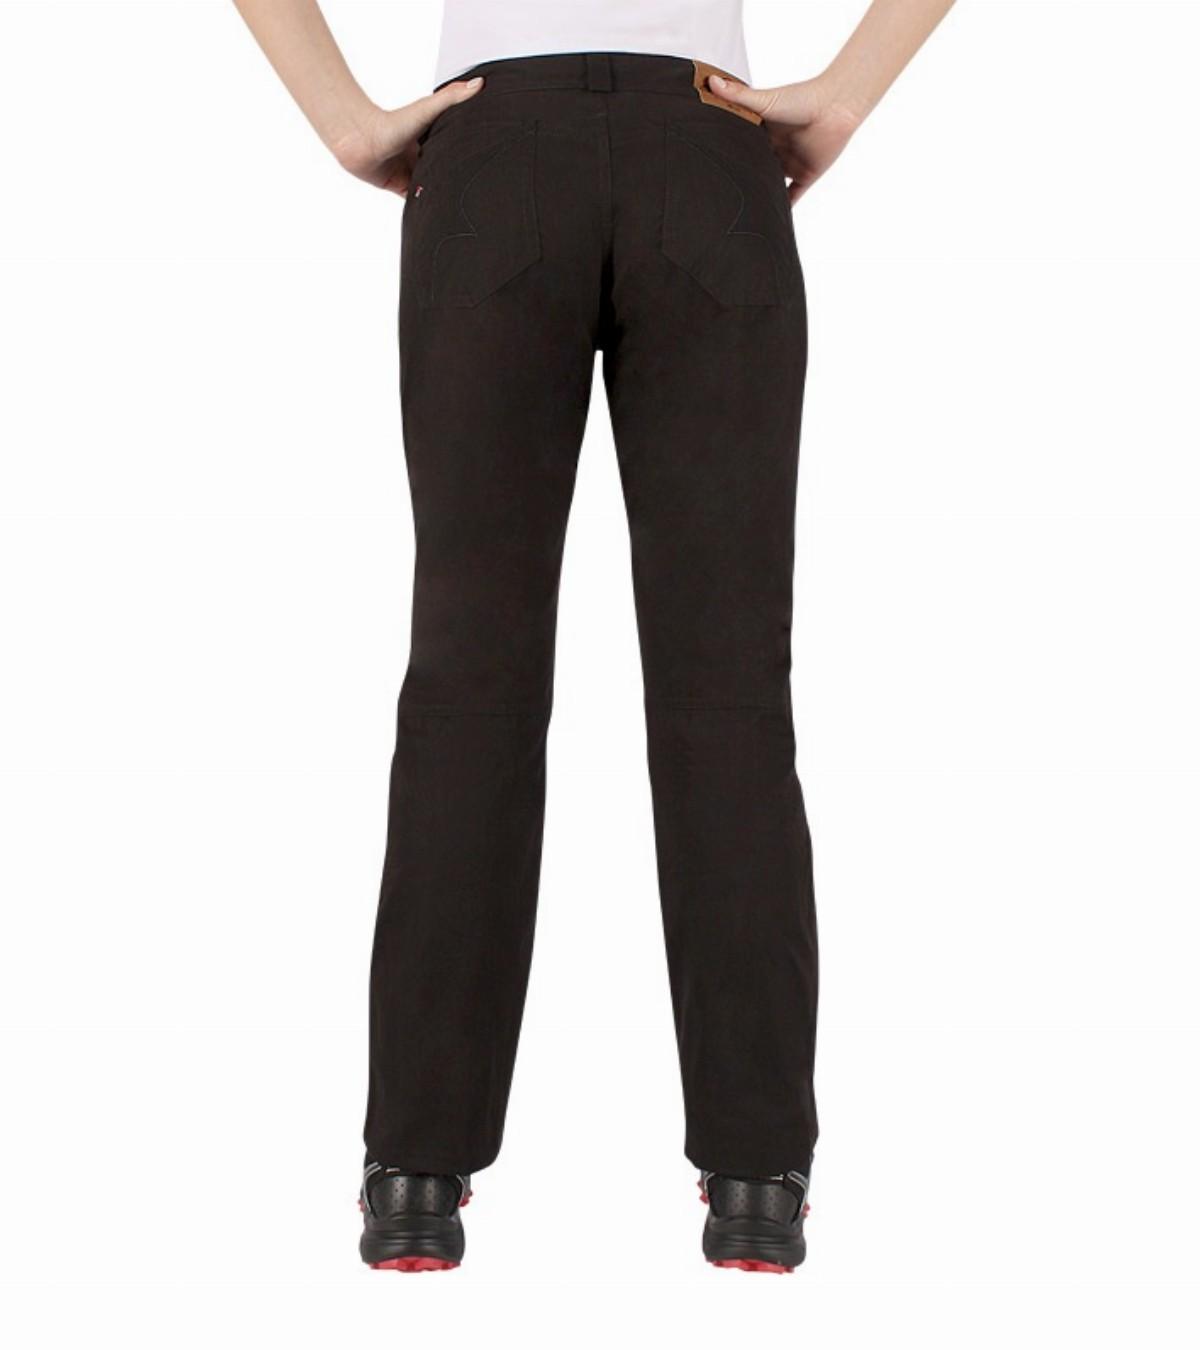 Pantalon Secado Rapido De Mujer Margot